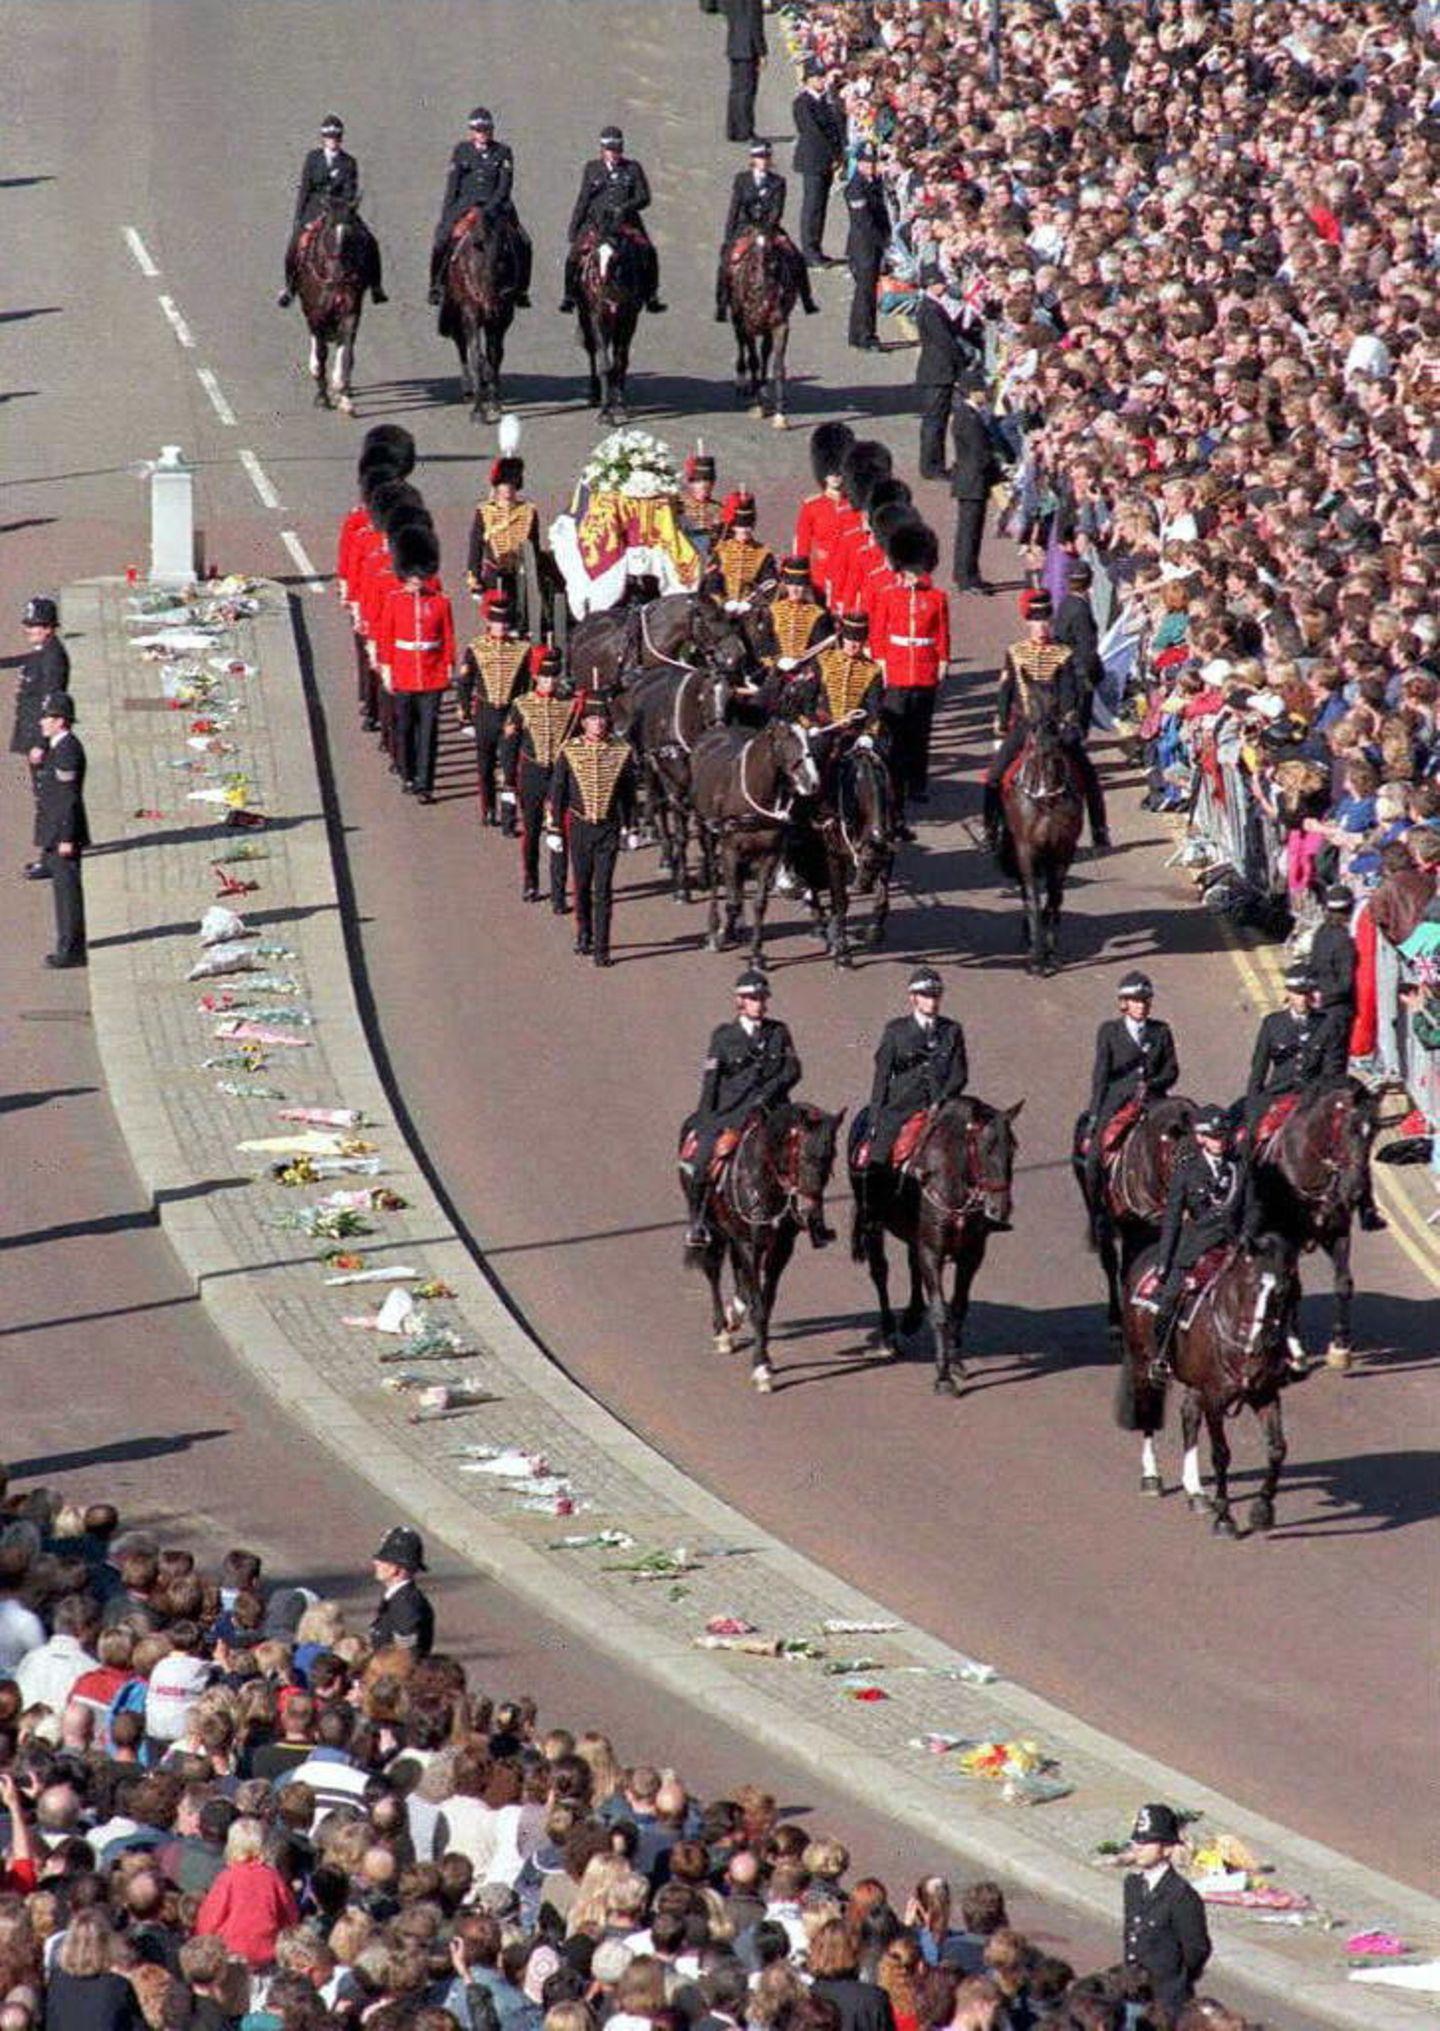 """Dianas Sarg ist auf eine sogenannte """"Gun Carriage""""gesetzt worden, die von der königlichen Artillerie gezogen wird. Eine Millionen Menschen säumen den Wegesrand."""